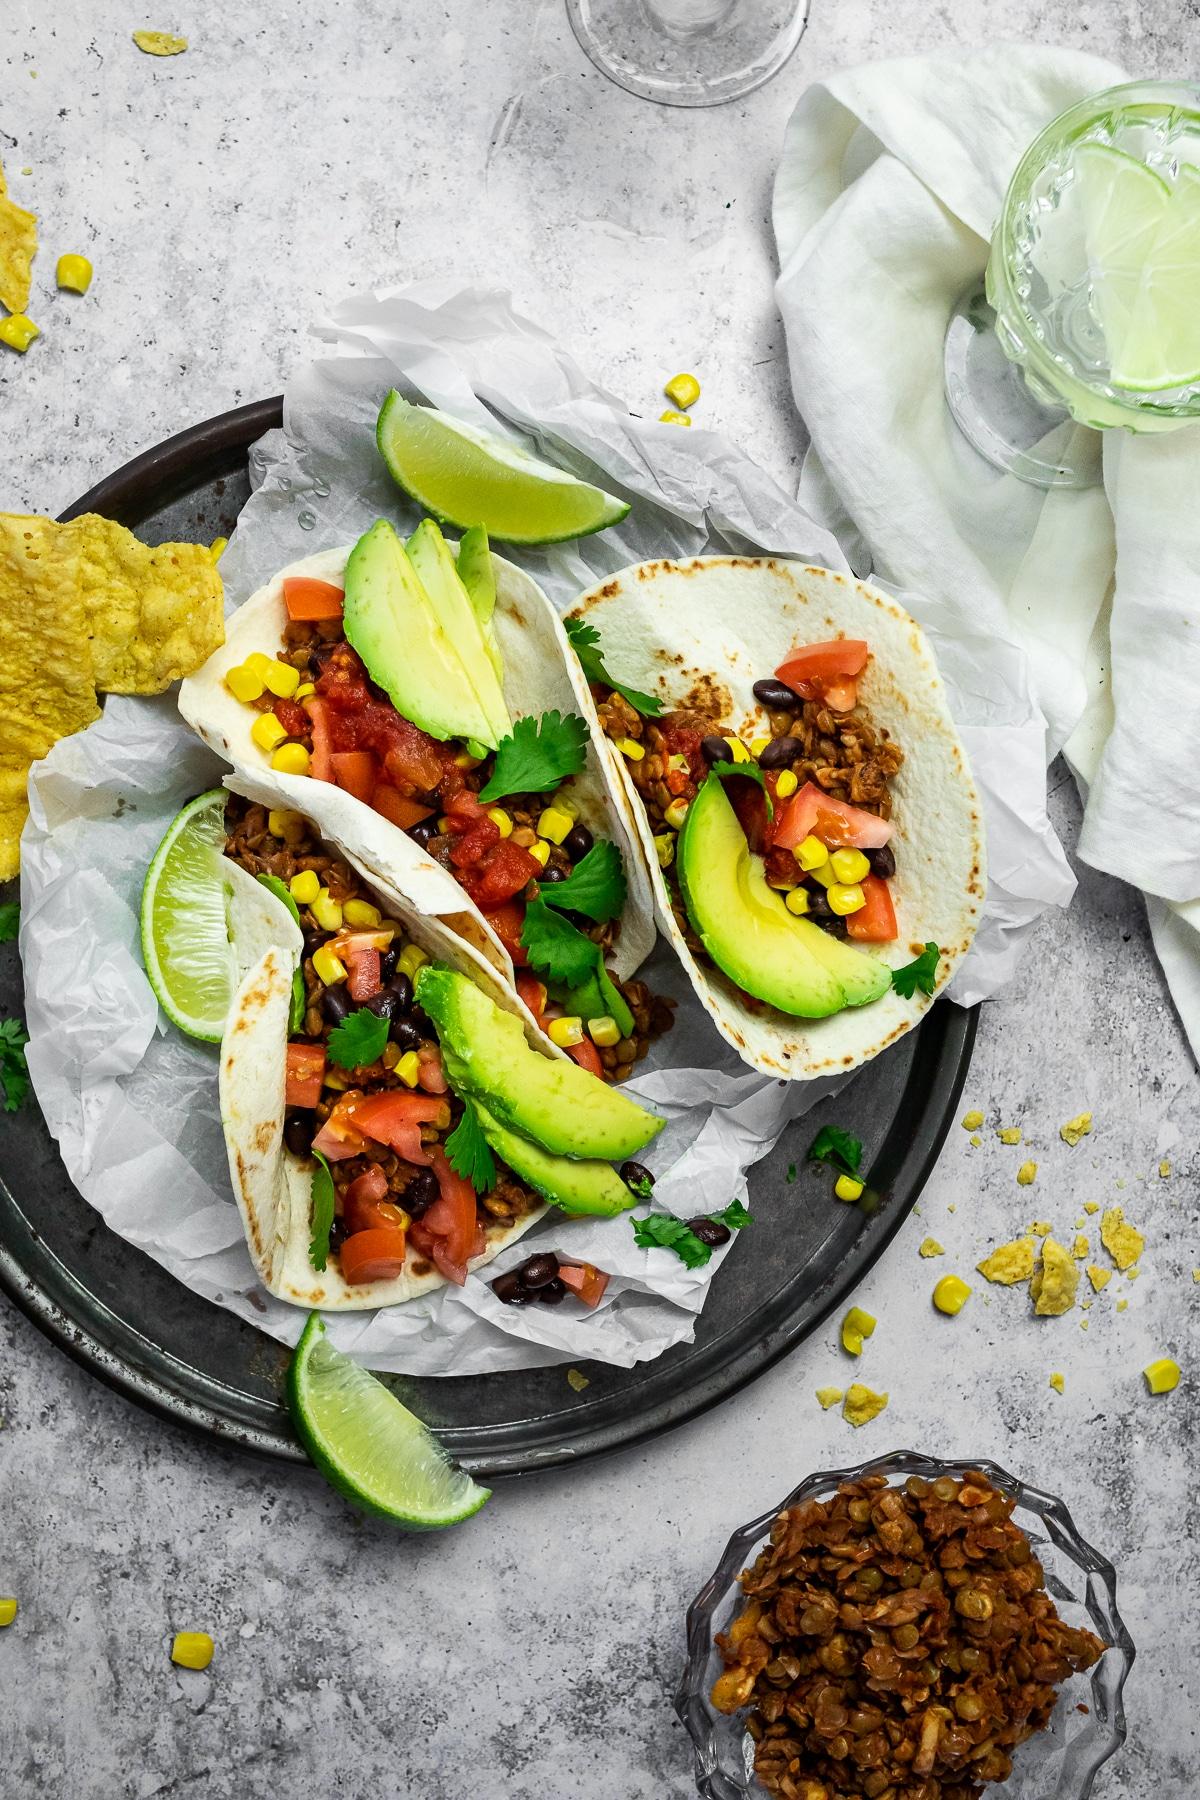 Vogelansicht von 3 Tacos auf einem Servierteller mit einer Schüssel veganem Taco-Fleisch und einer Tasse mit Wasser.